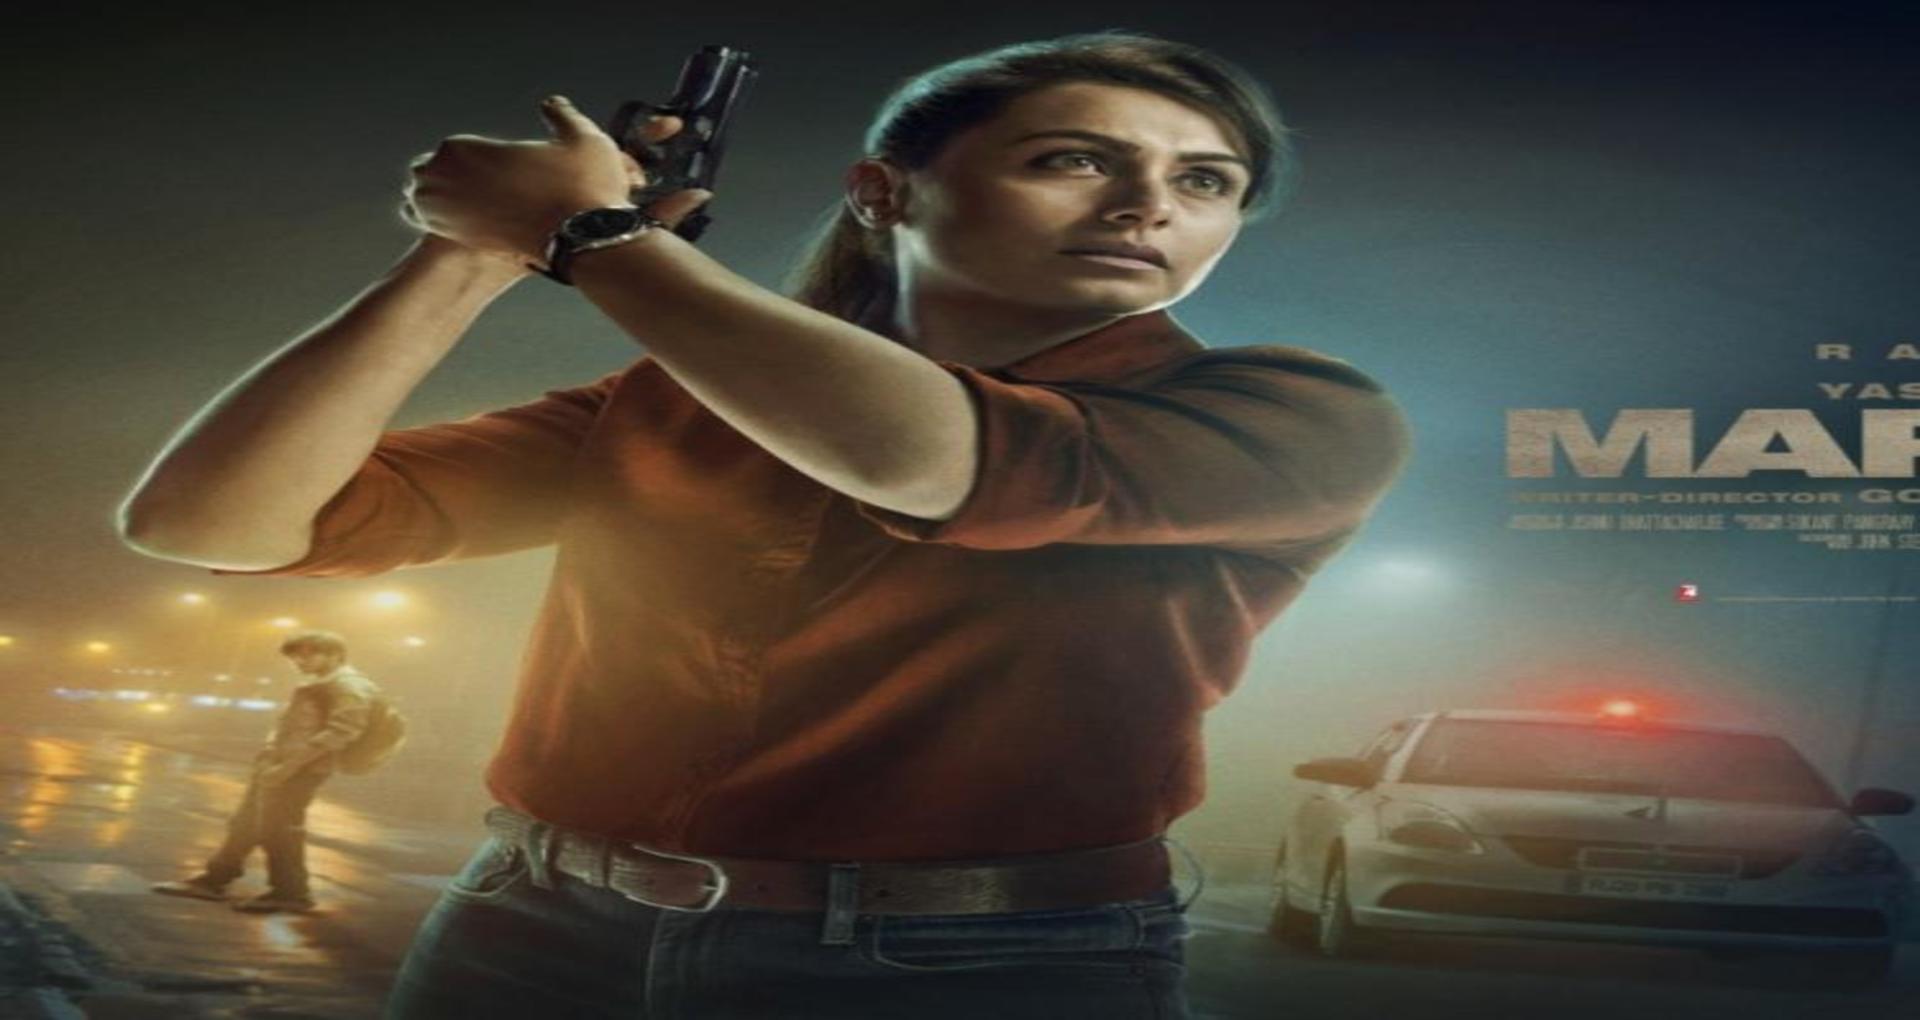 Mardaani 2 Trailer Review: पुलिस की वर्दी में ख़ूब जमी मर्दानी, आप ही हैं बॉलीवुड की रानी